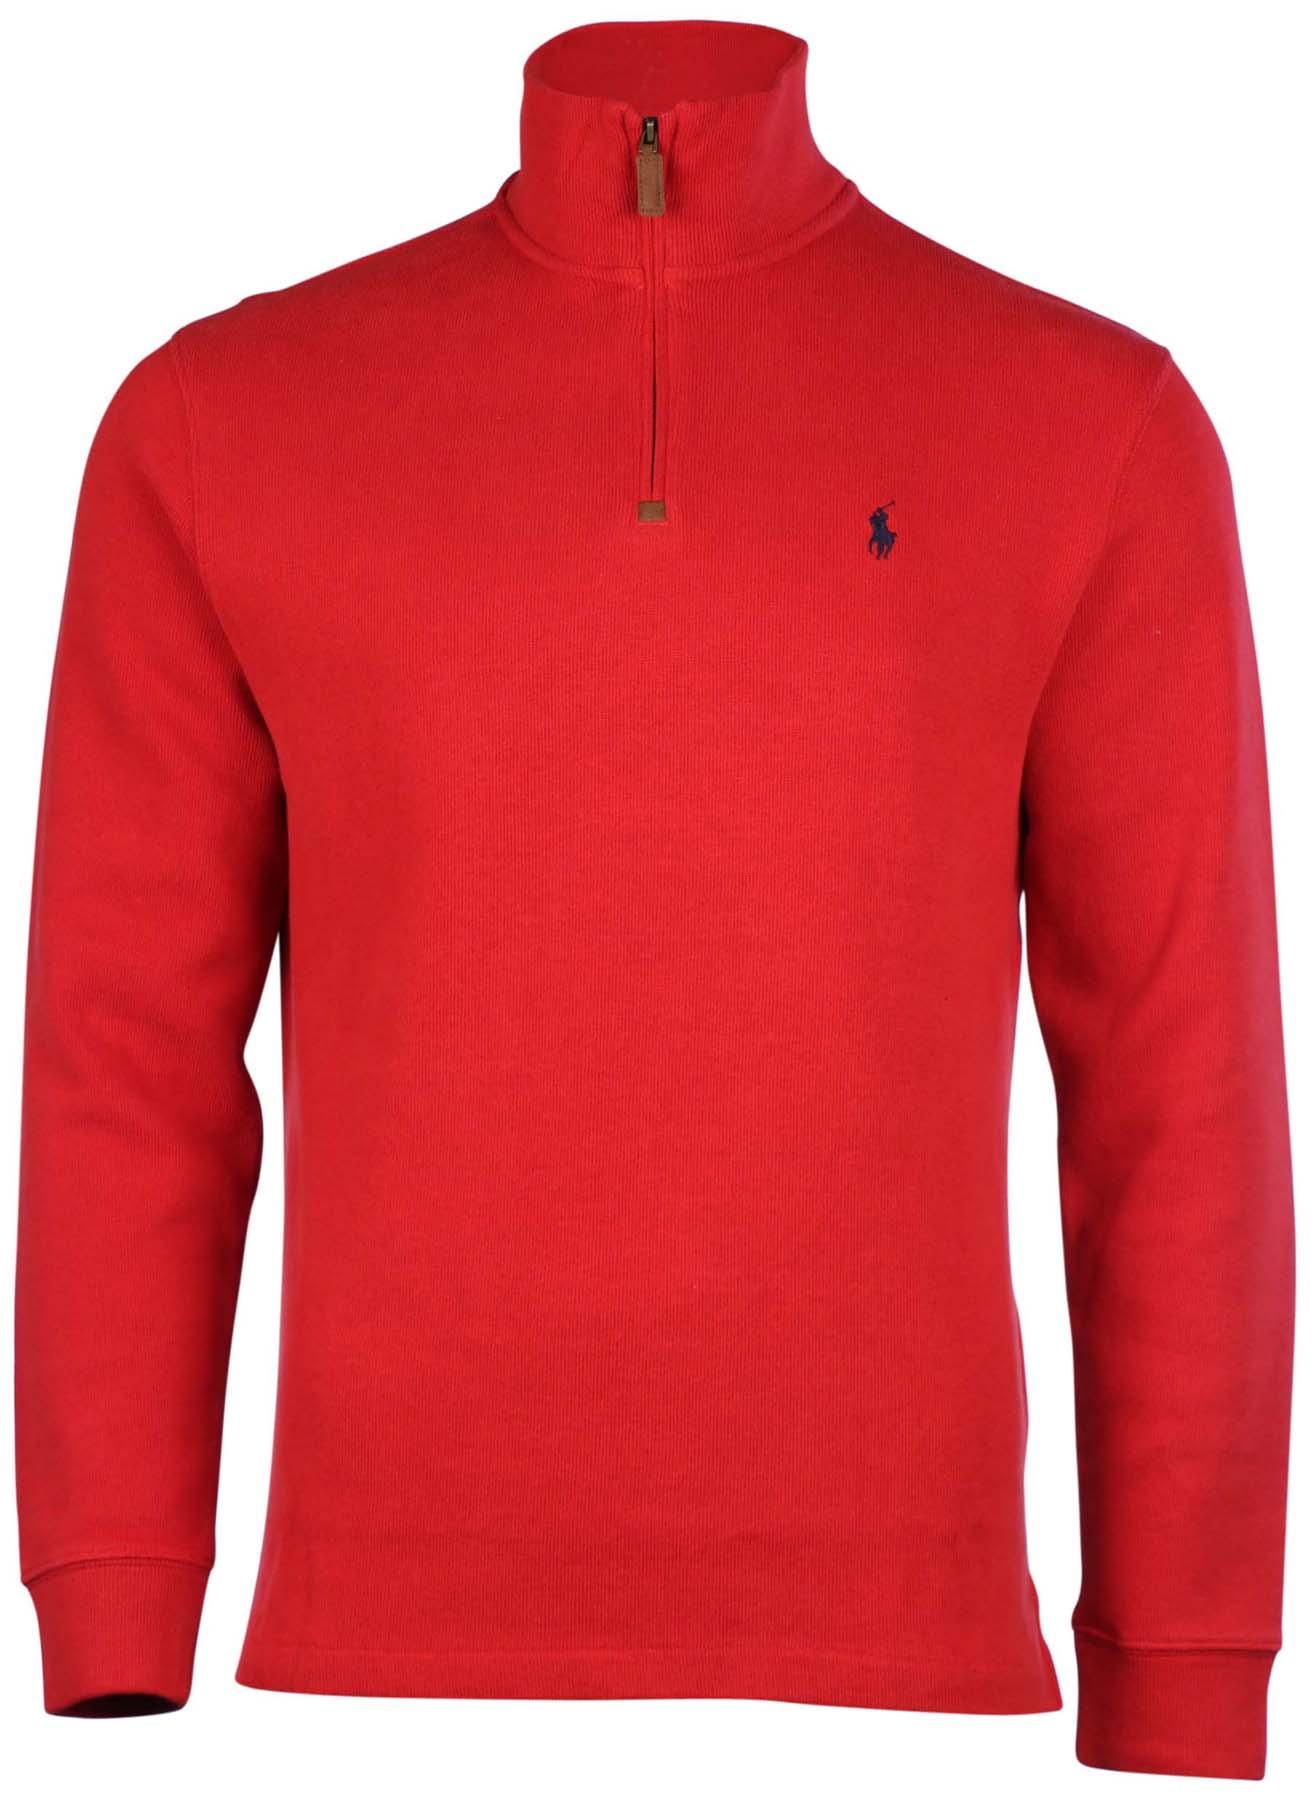 polo ralph lauren men 39 s half zip pullover sweater ebay. Black Bedroom Furniture Sets. Home Design Ideas